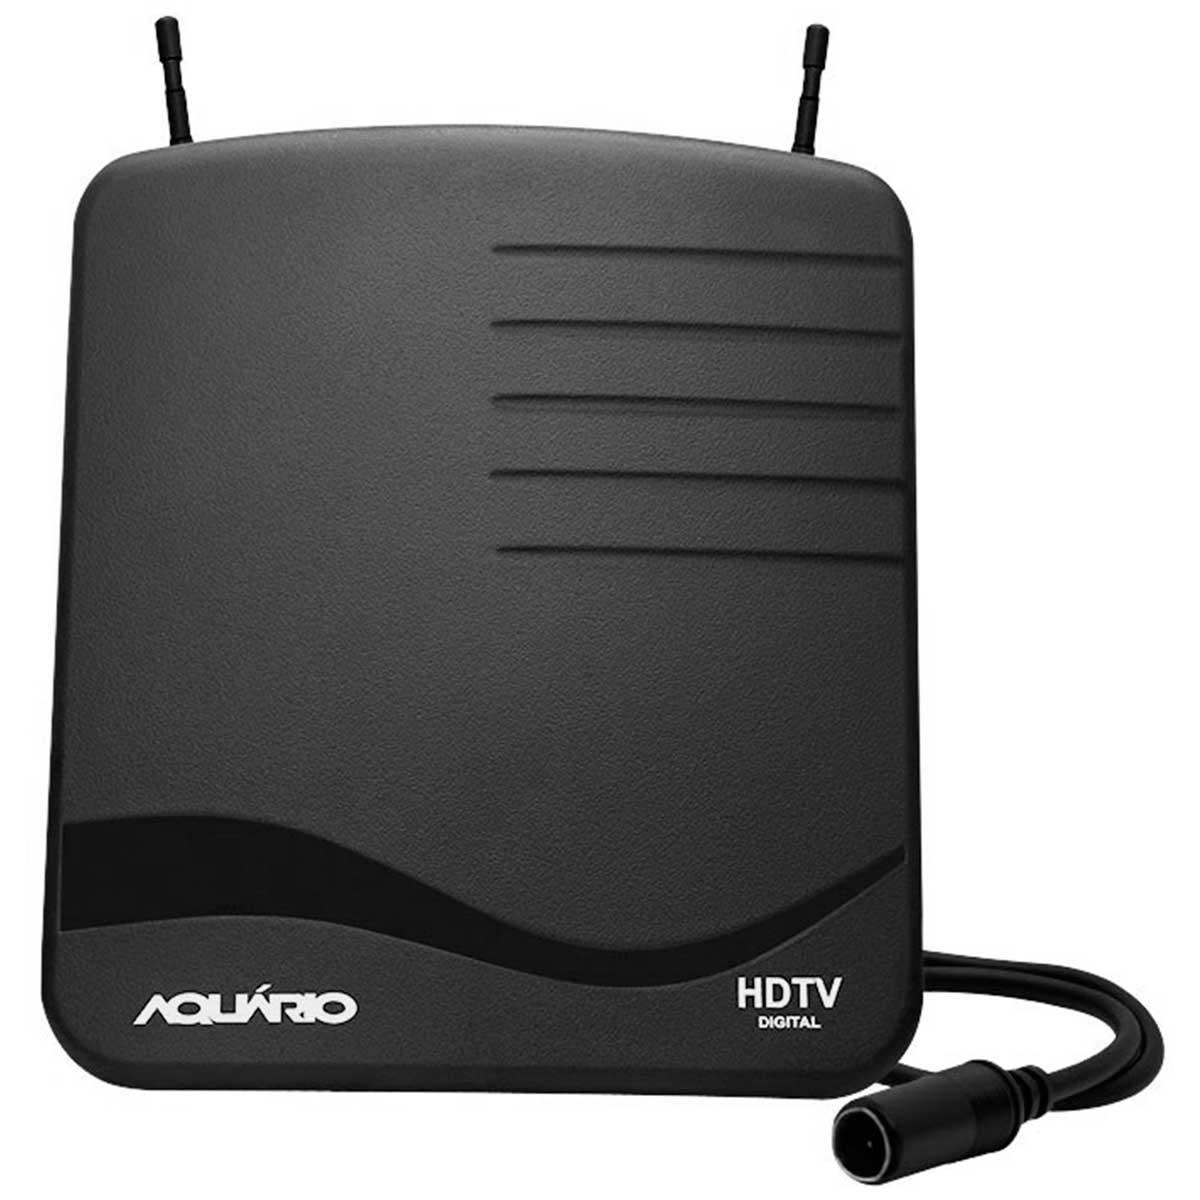 DTV1100 - Antena Interna TV Digital 4 em 1 DTV 1100 Aquário